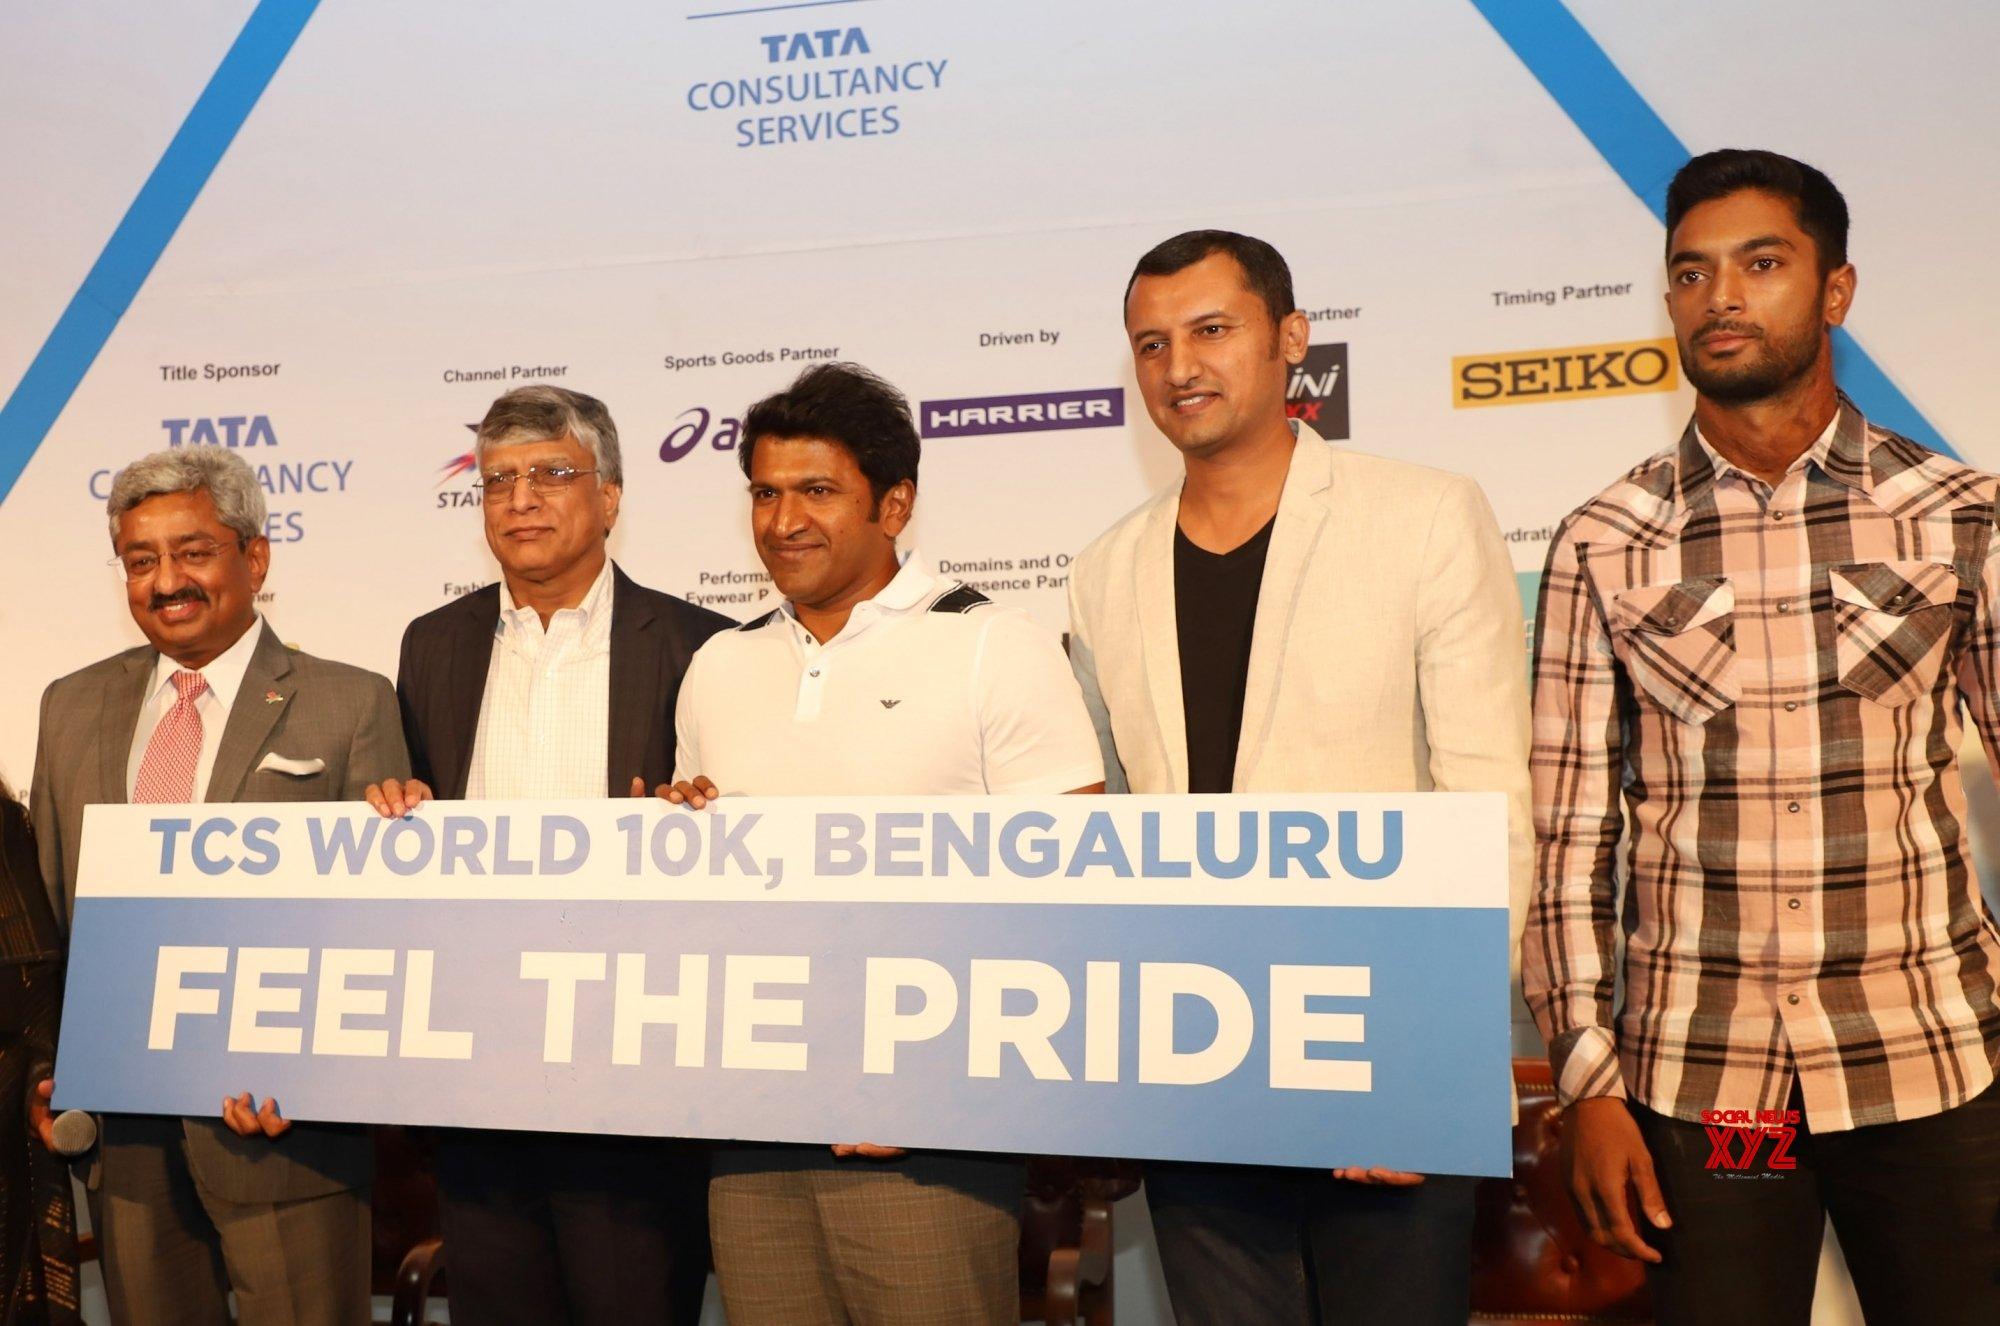 Bengaluru: Launch of TCS World 10K #Gallery